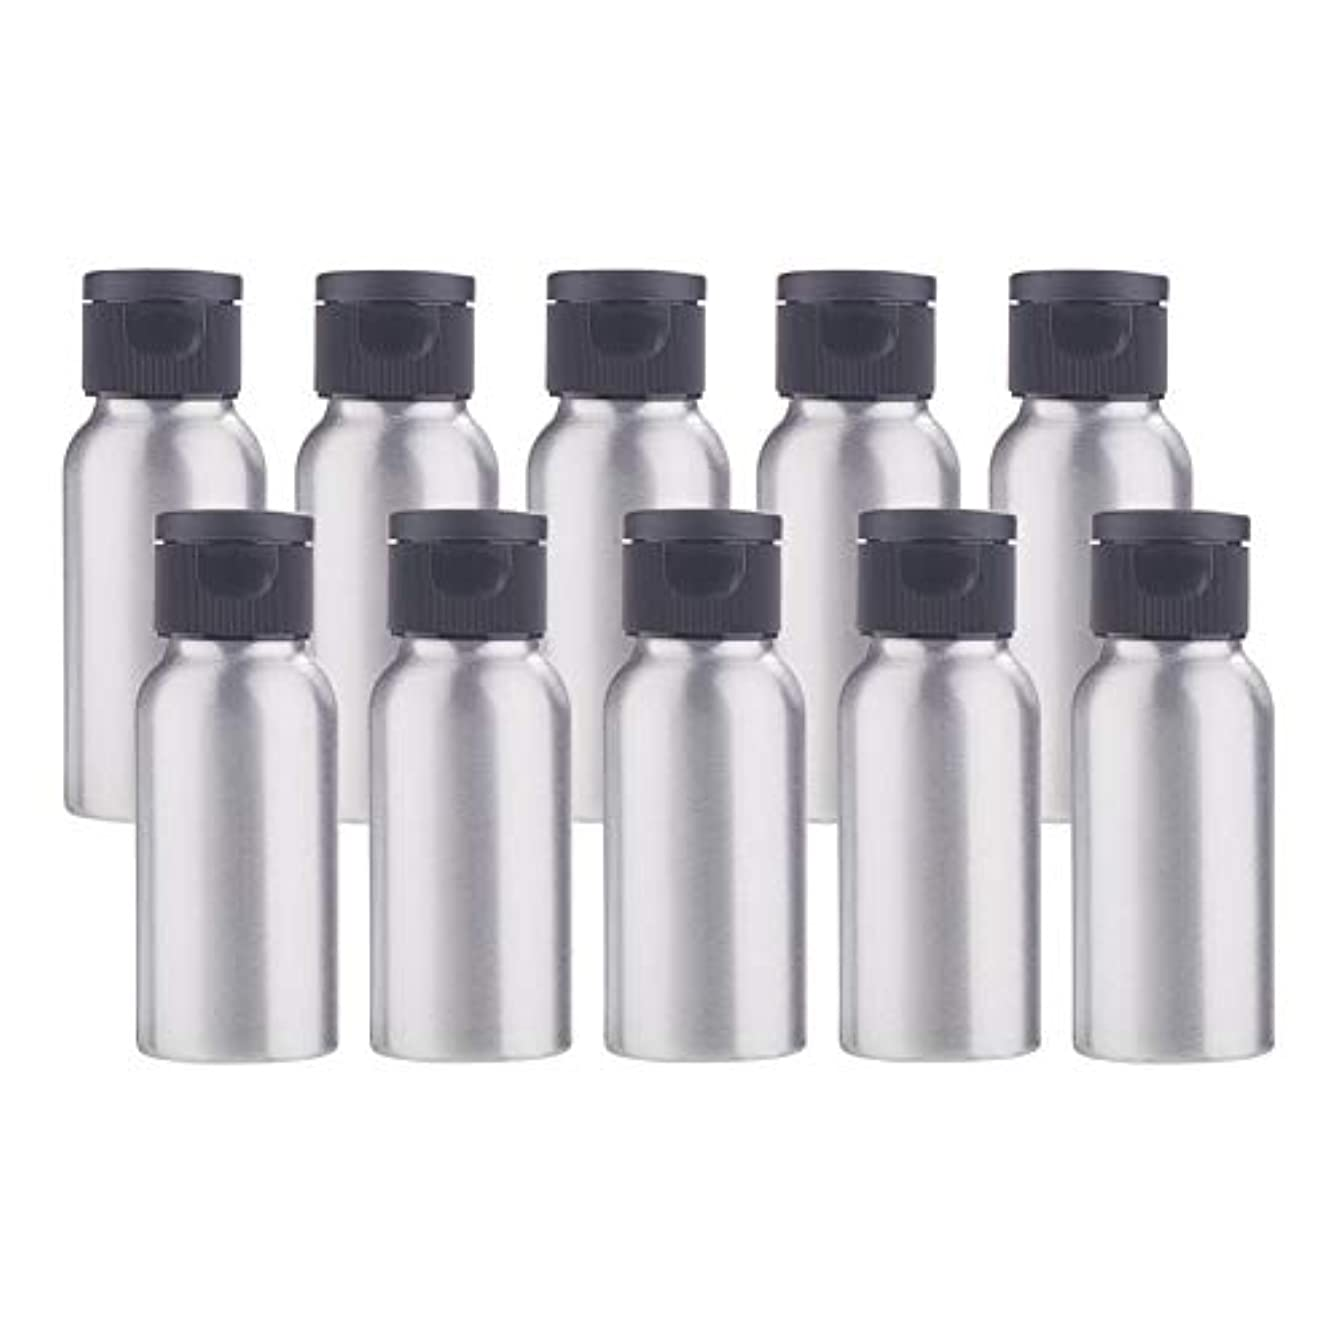 飼いならす別々に却下するBENECREAT 10個セット50mlアルミボトル フリップカバー空瓶 防錆 遮光 軽量 化粧品 アロマ 小分け 詰め替え 黒いプラスチック蓋